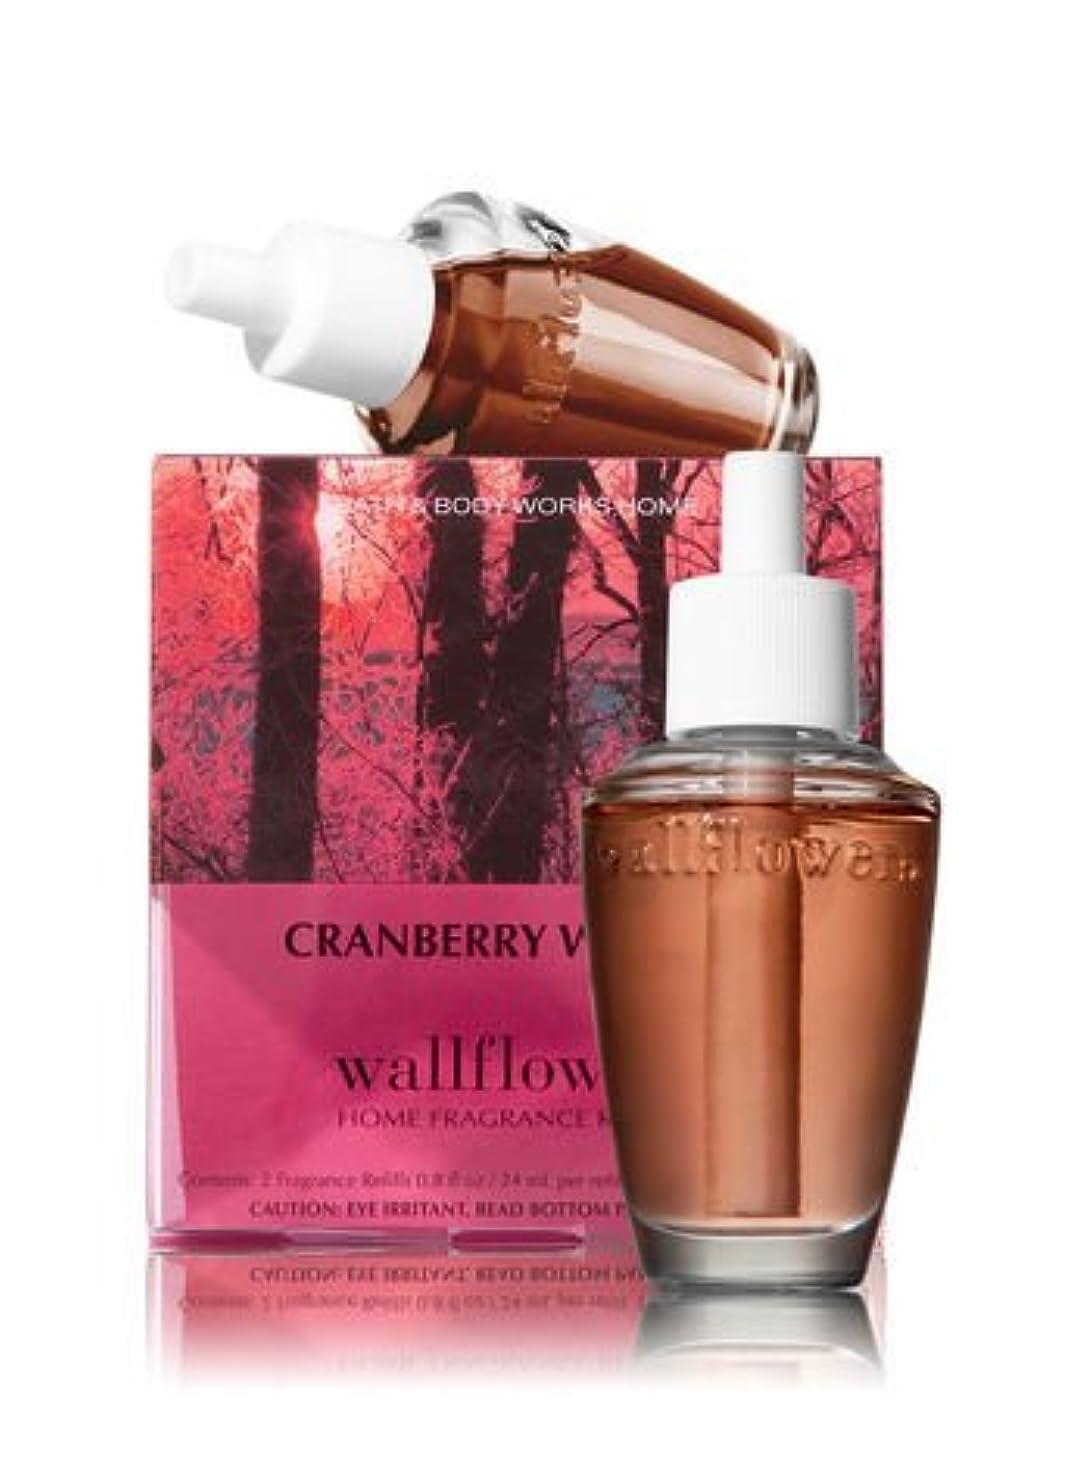 容器注文作る【Bath&Body Works/バス&ボディワークス】 ルームフレグランス 詰替えリフィル(2個入り) クランベリーウッズ Wallflowers Home Fragrance 2-Pack Refills Cranberry Woods [並行輸入品]